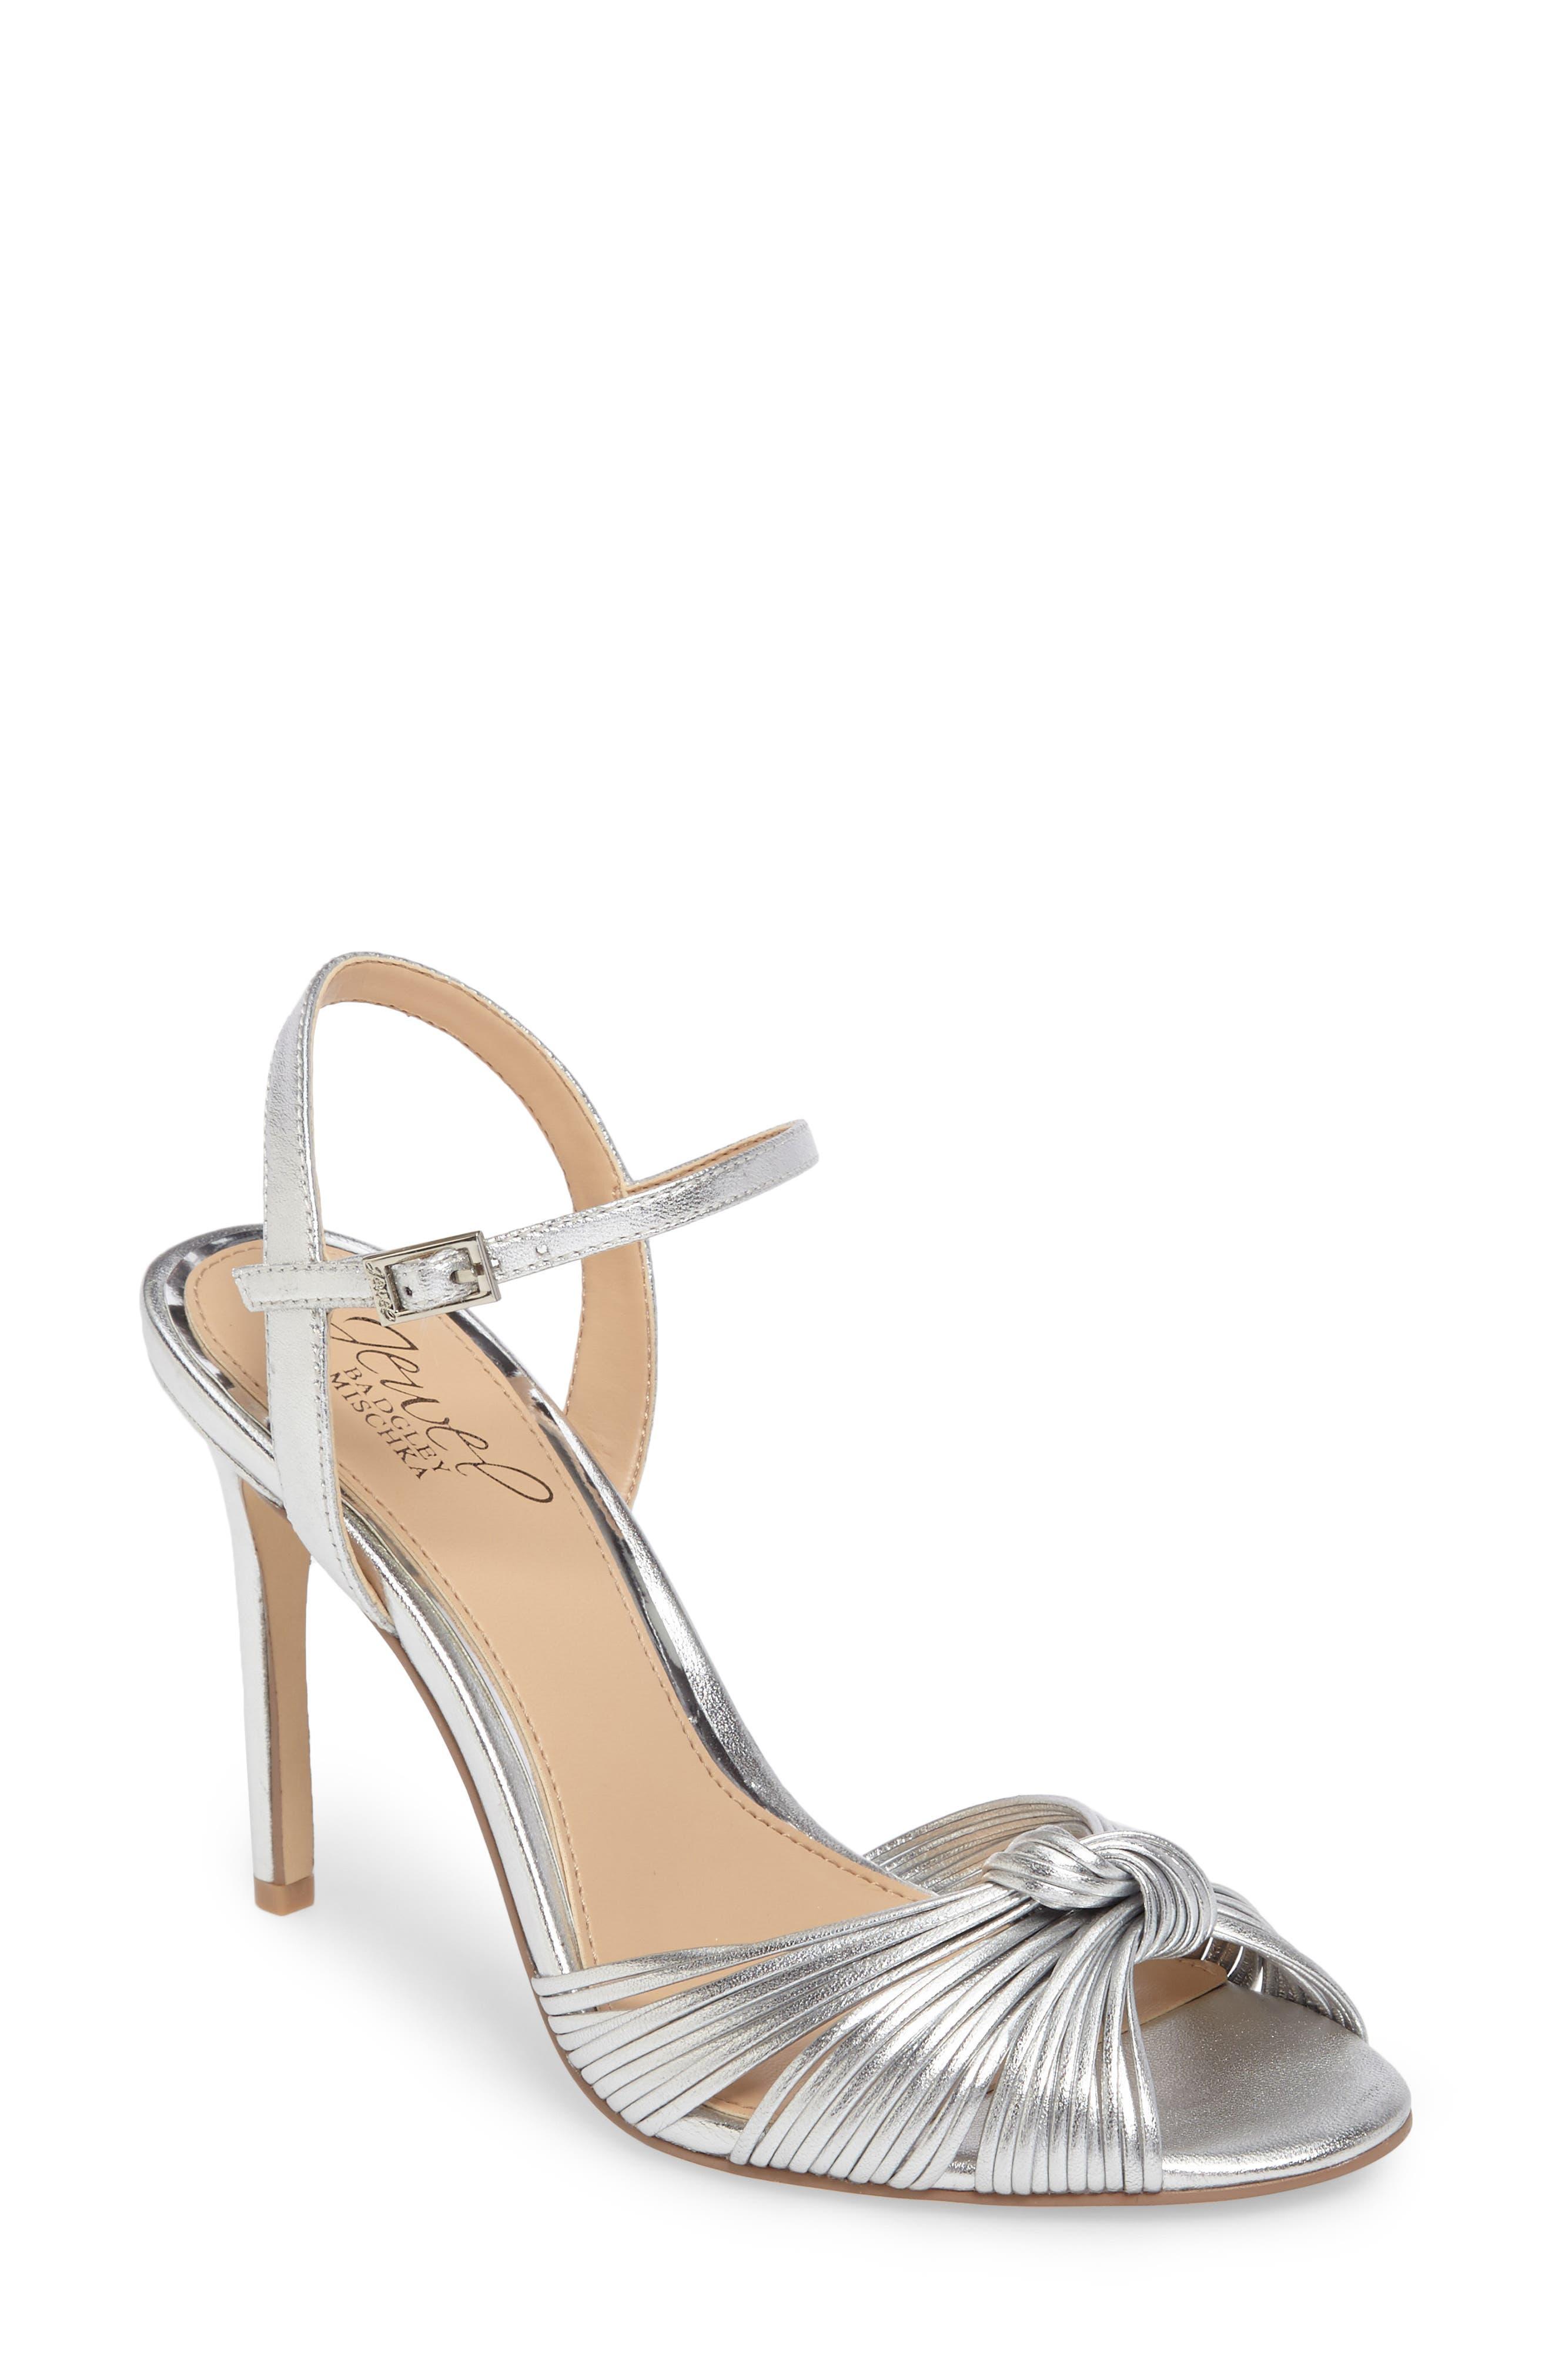 Lady Ankle Strap Sandal,                         Main,                         color, 046